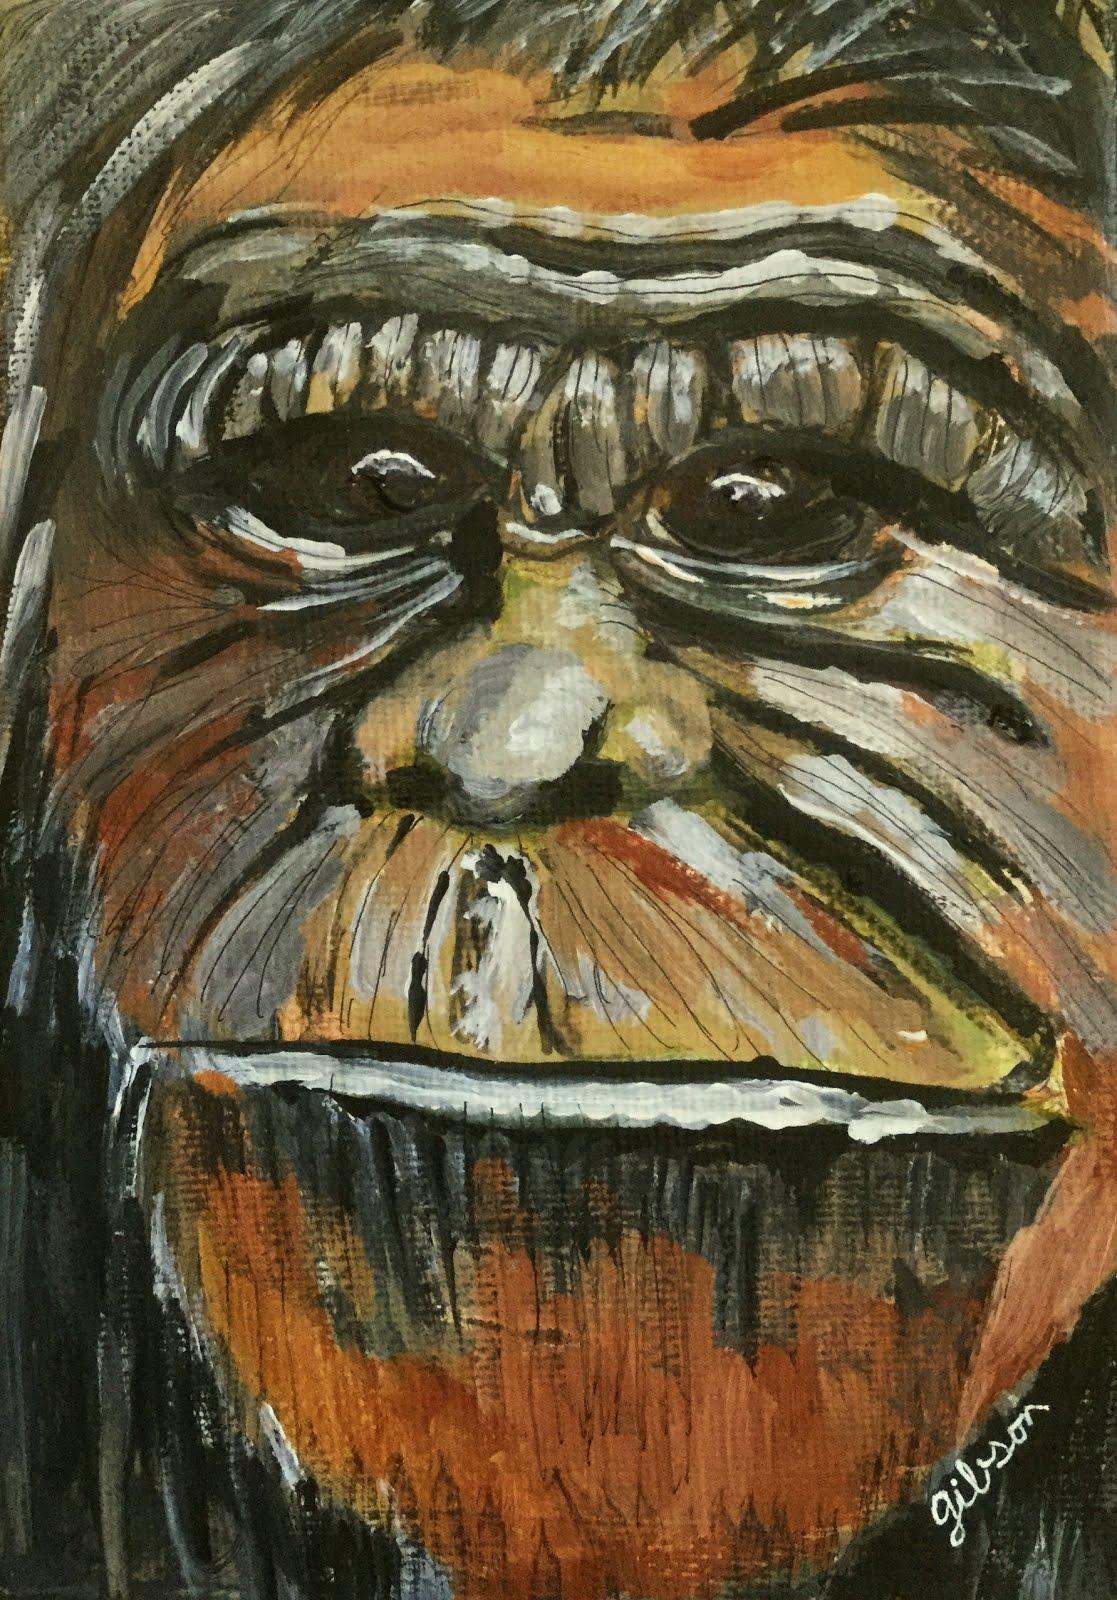 Wood Ape